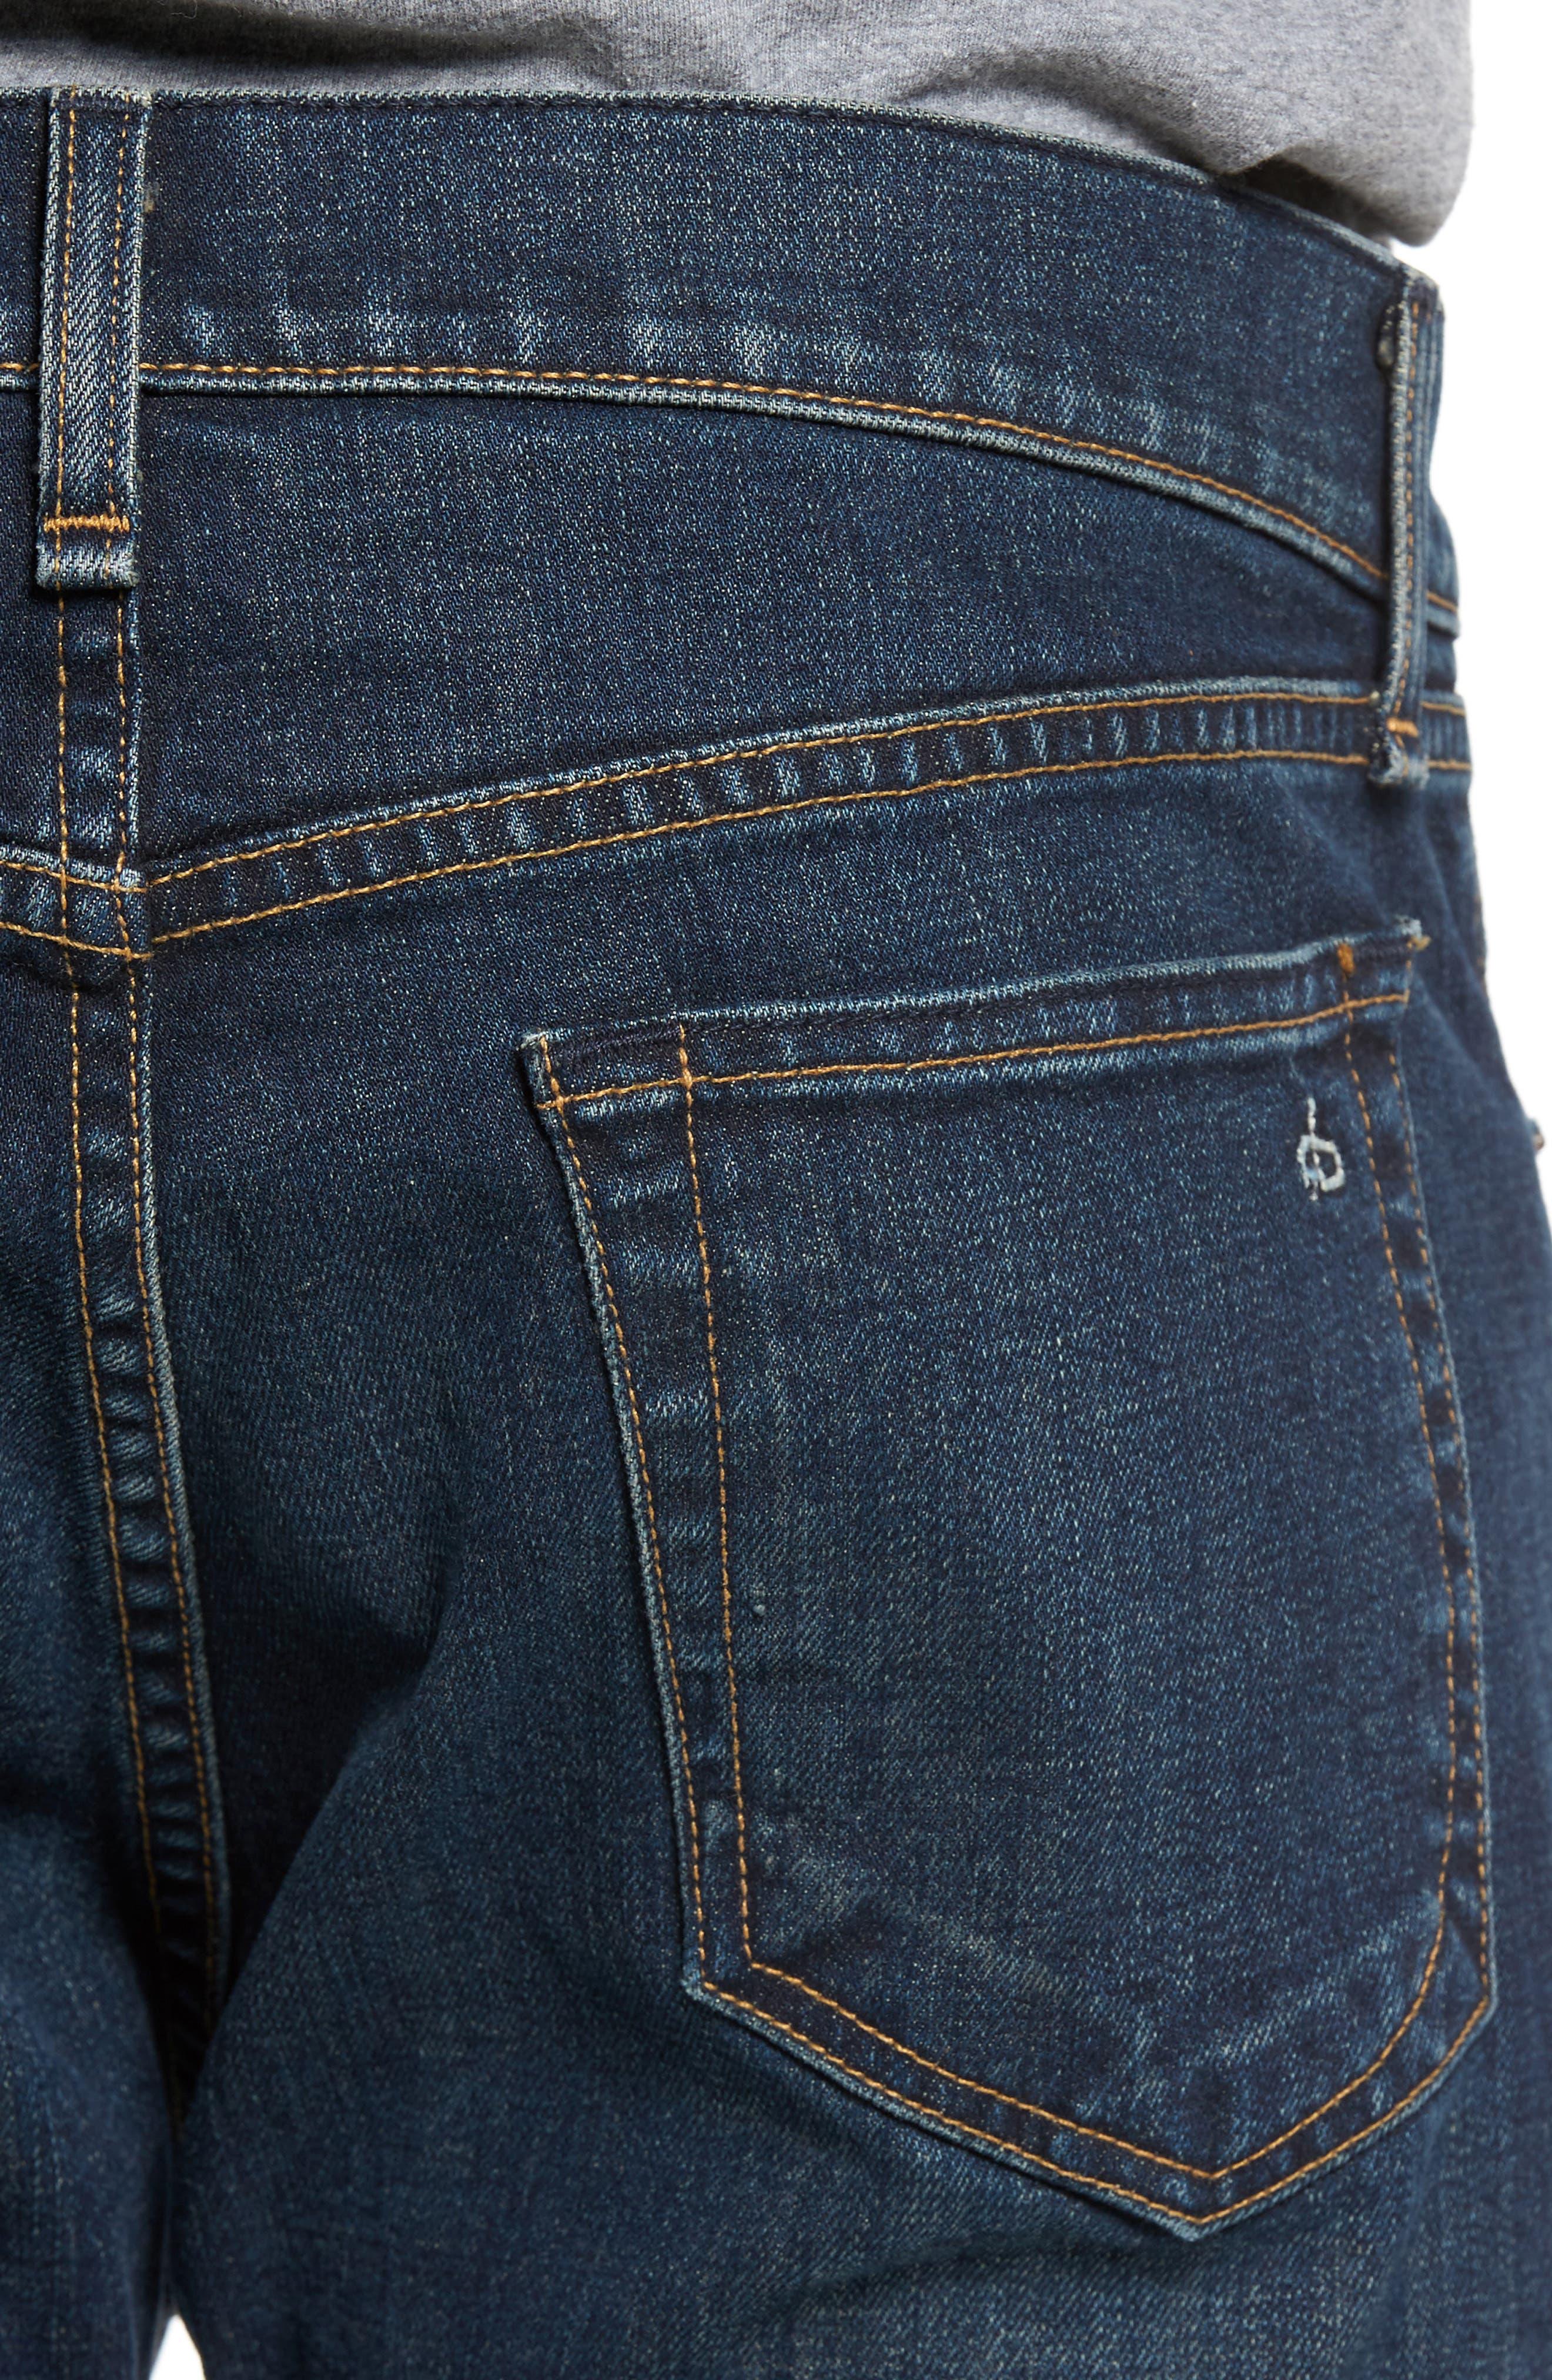 Fit 2 Slim Fit Jeans,                             Alternate thumbnail 4, color,